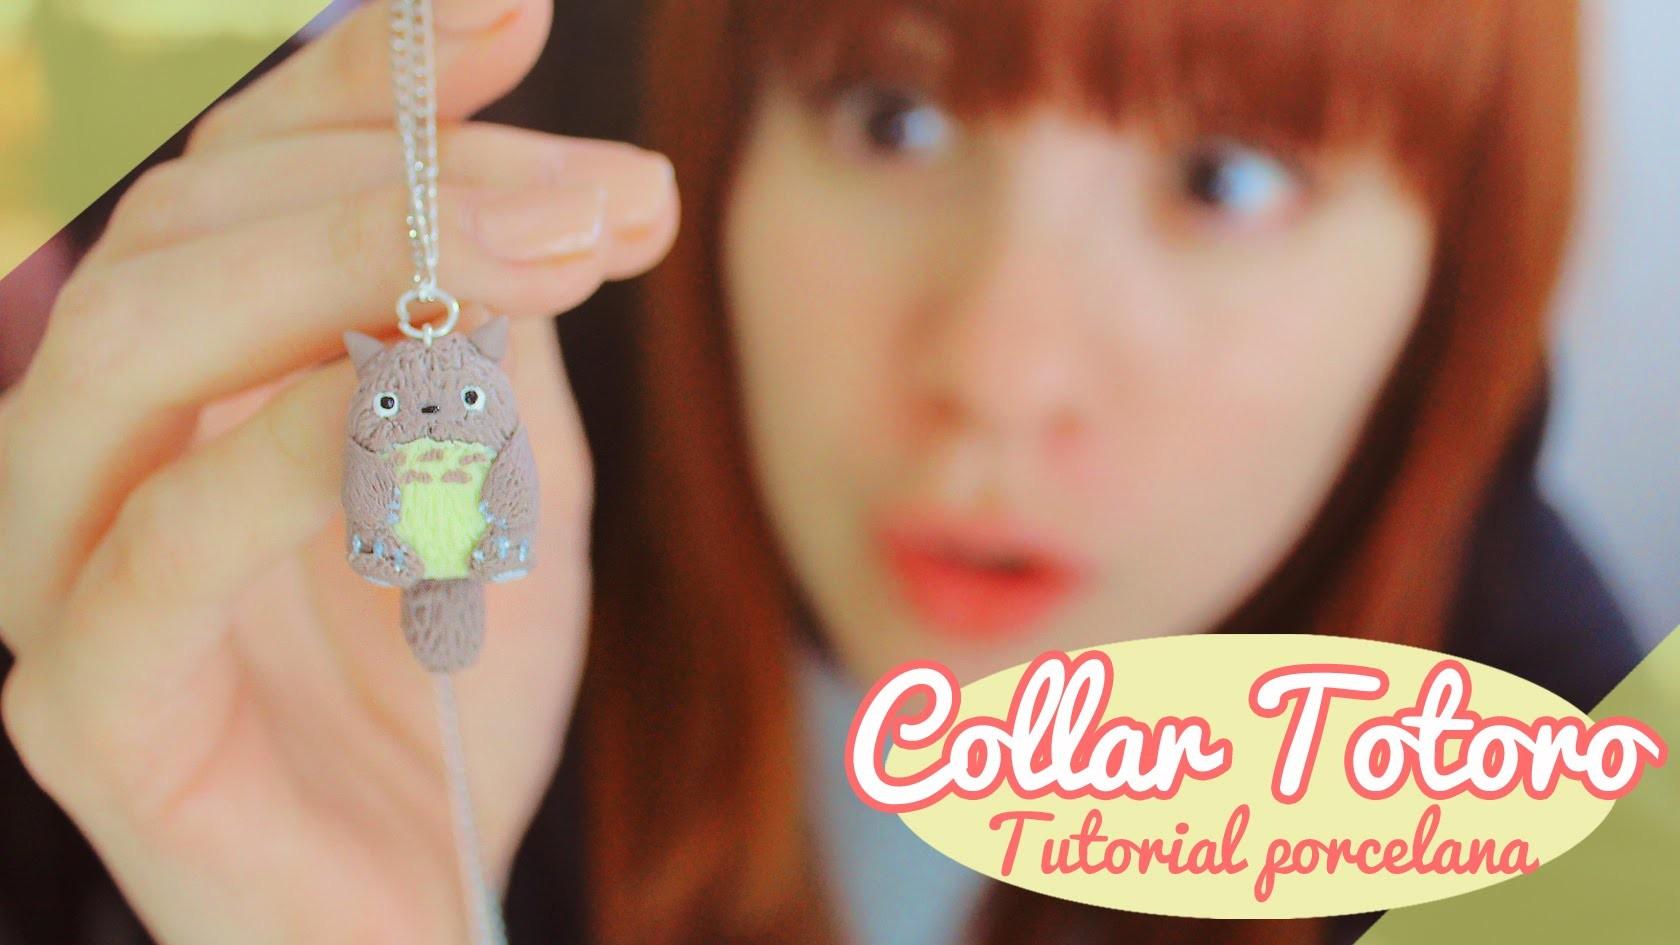 ♡ Collar de Totoro!. Tutorial porcelana en frío ♡ By Piyoasdf